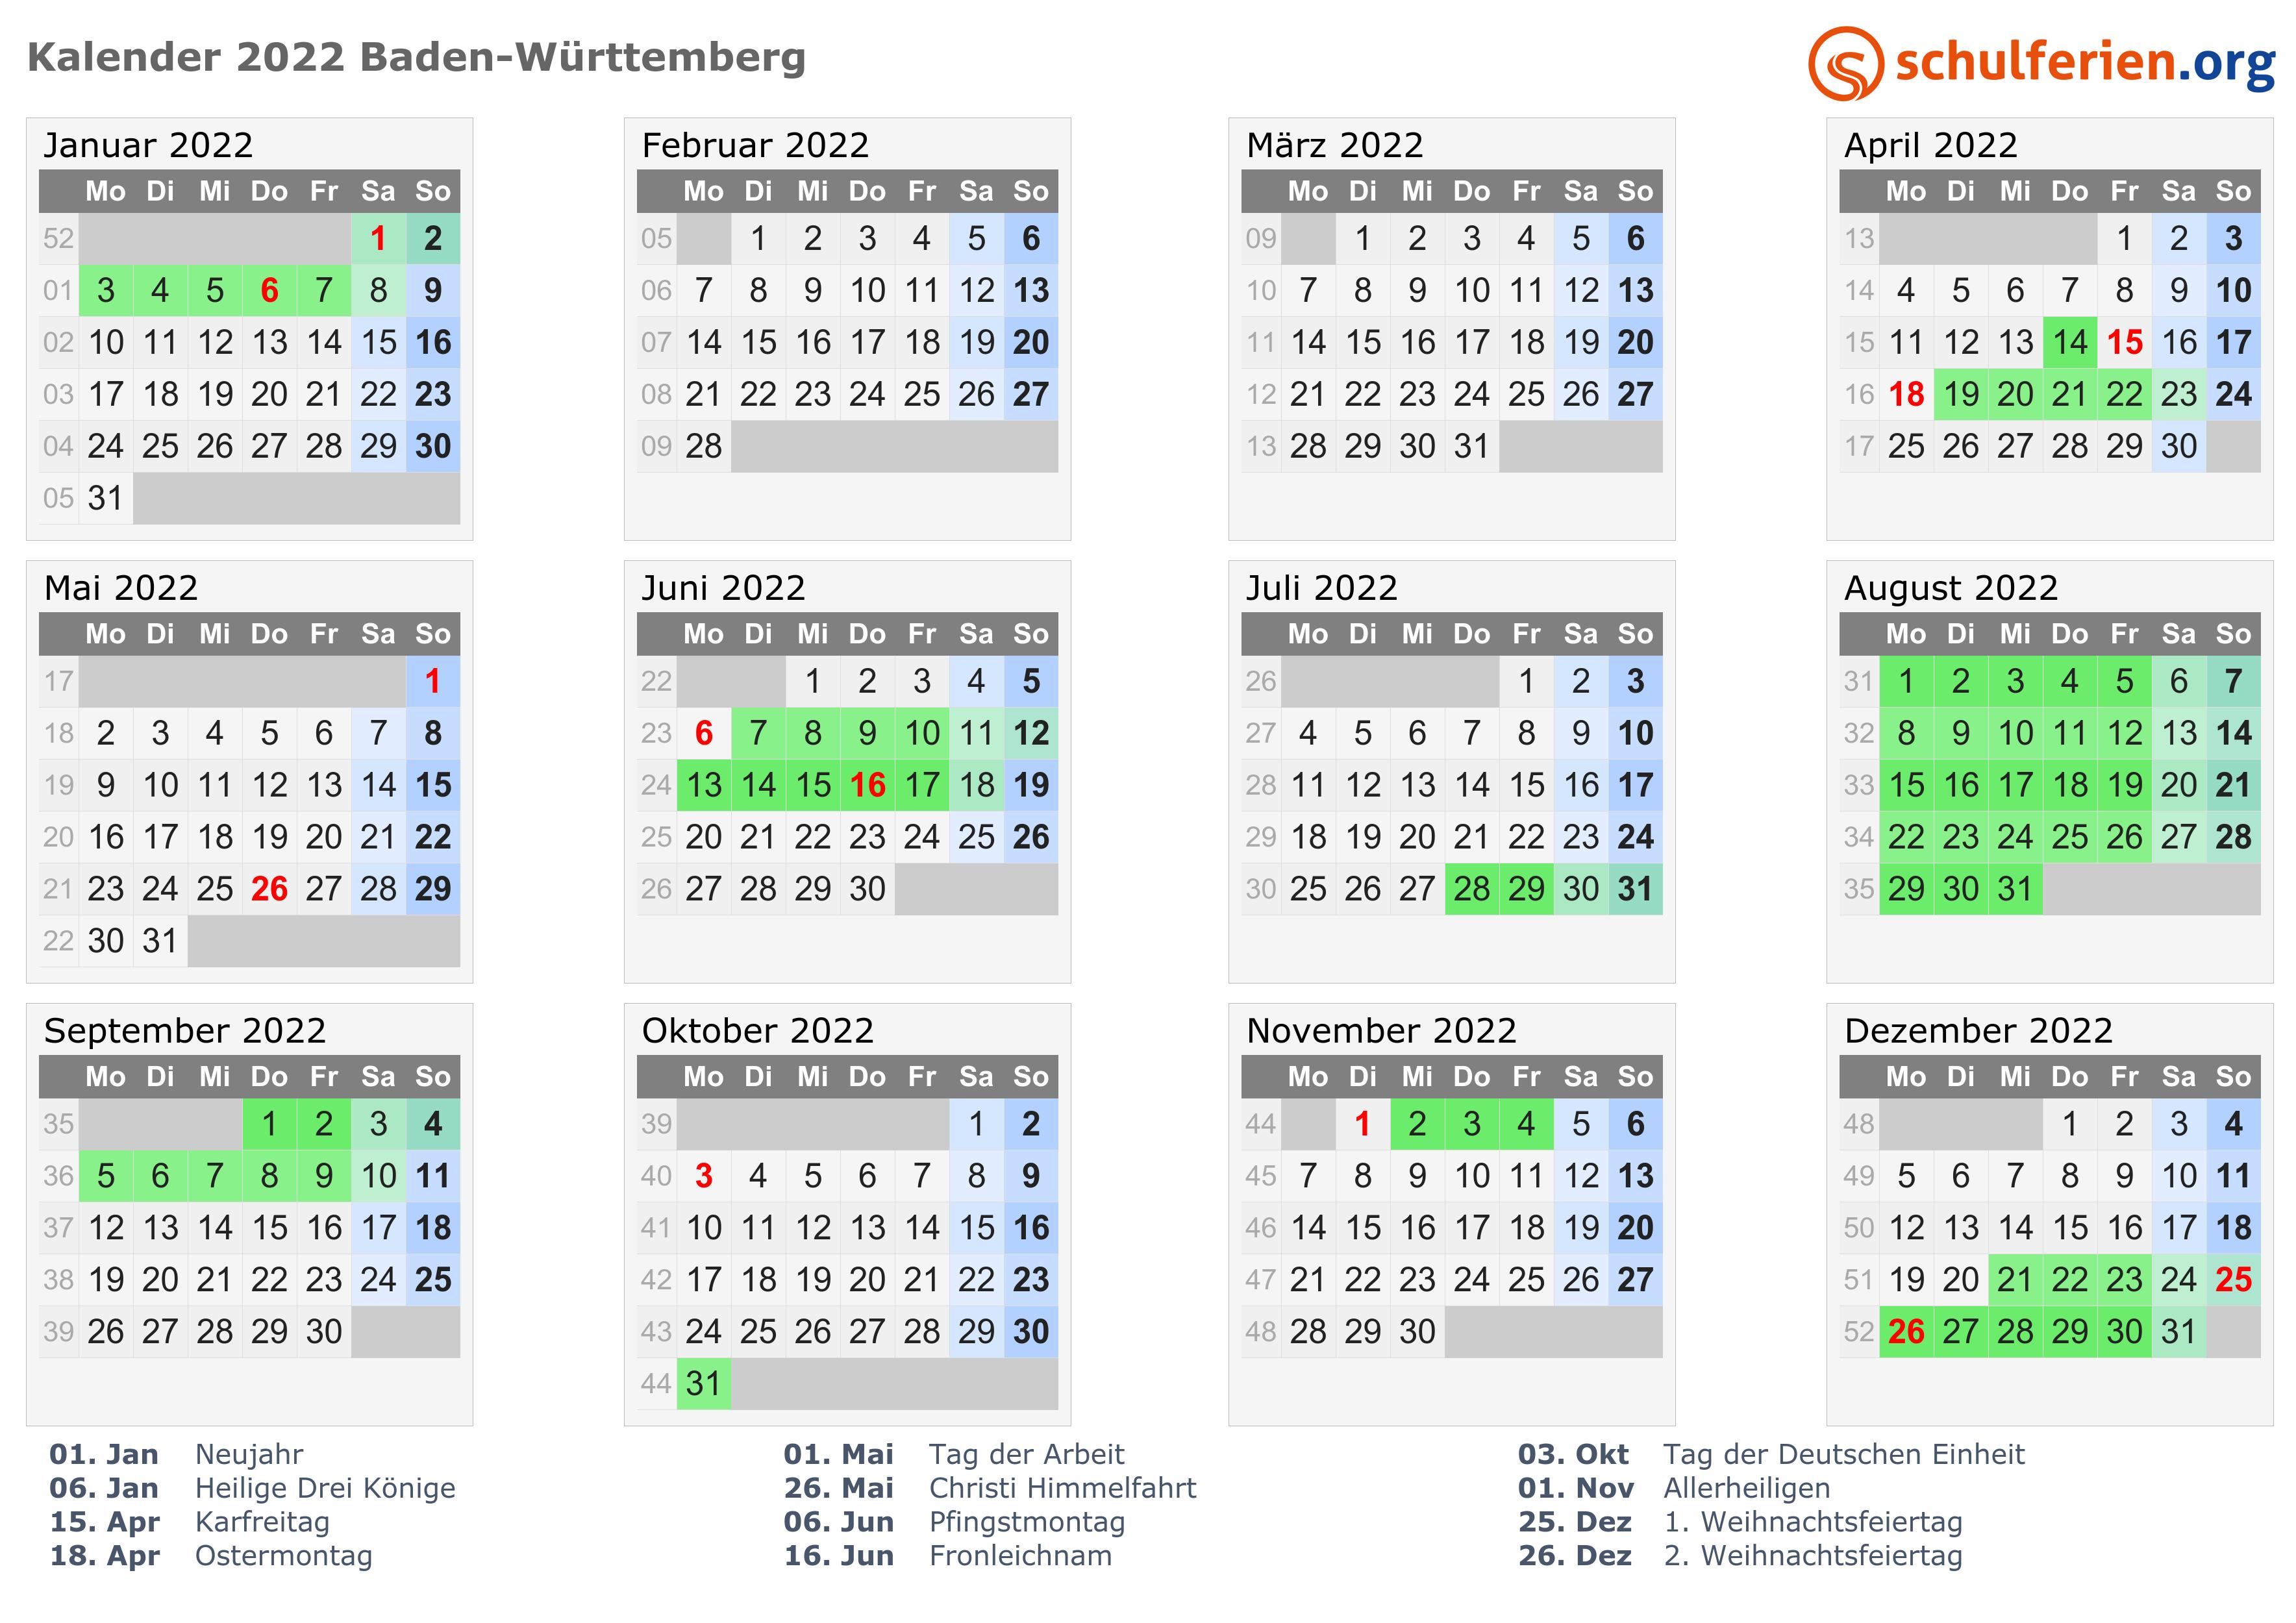 Schulferien Kalender Baden Wurttemberg Bw 2021 Mit Feiertagen Und